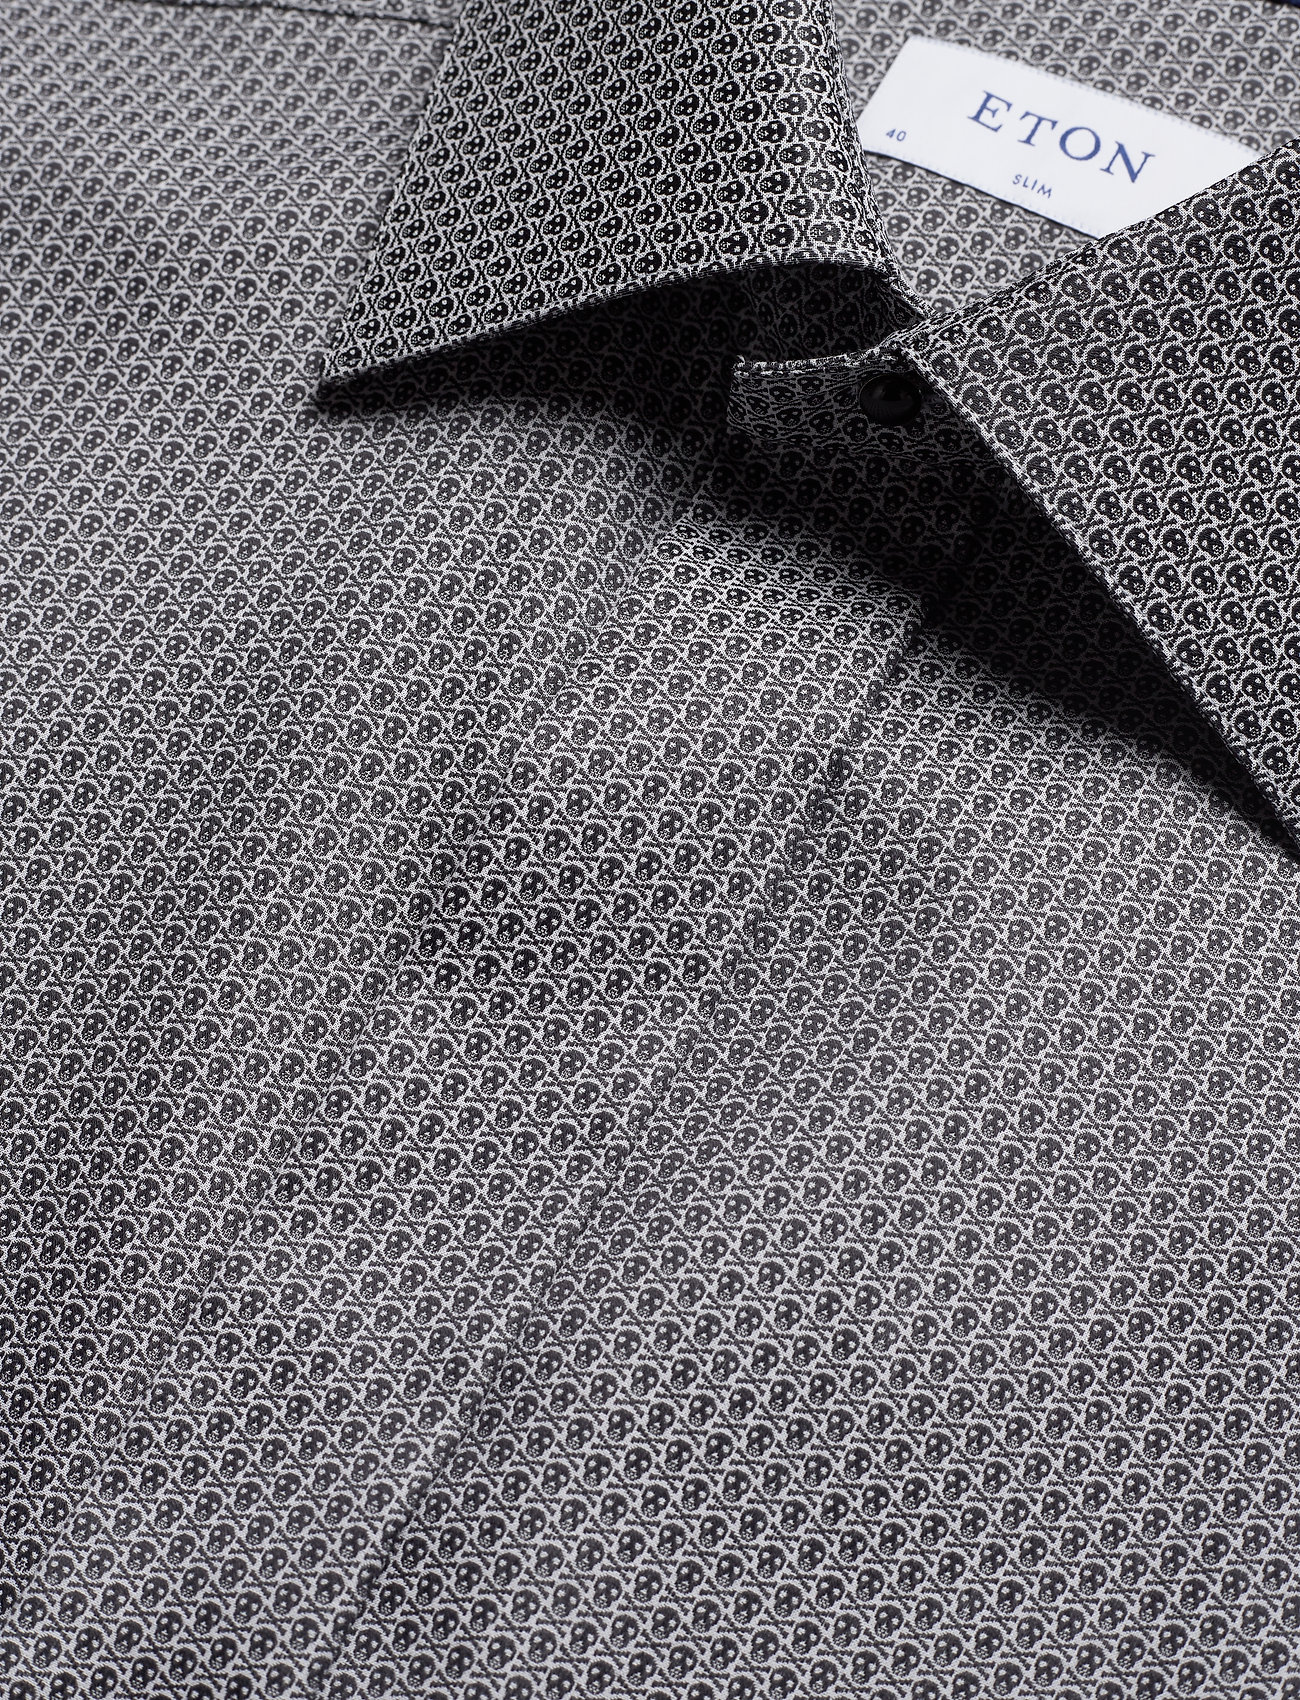 Eton Skulls evening shirt - Skjorter BLACK - Menn Klær